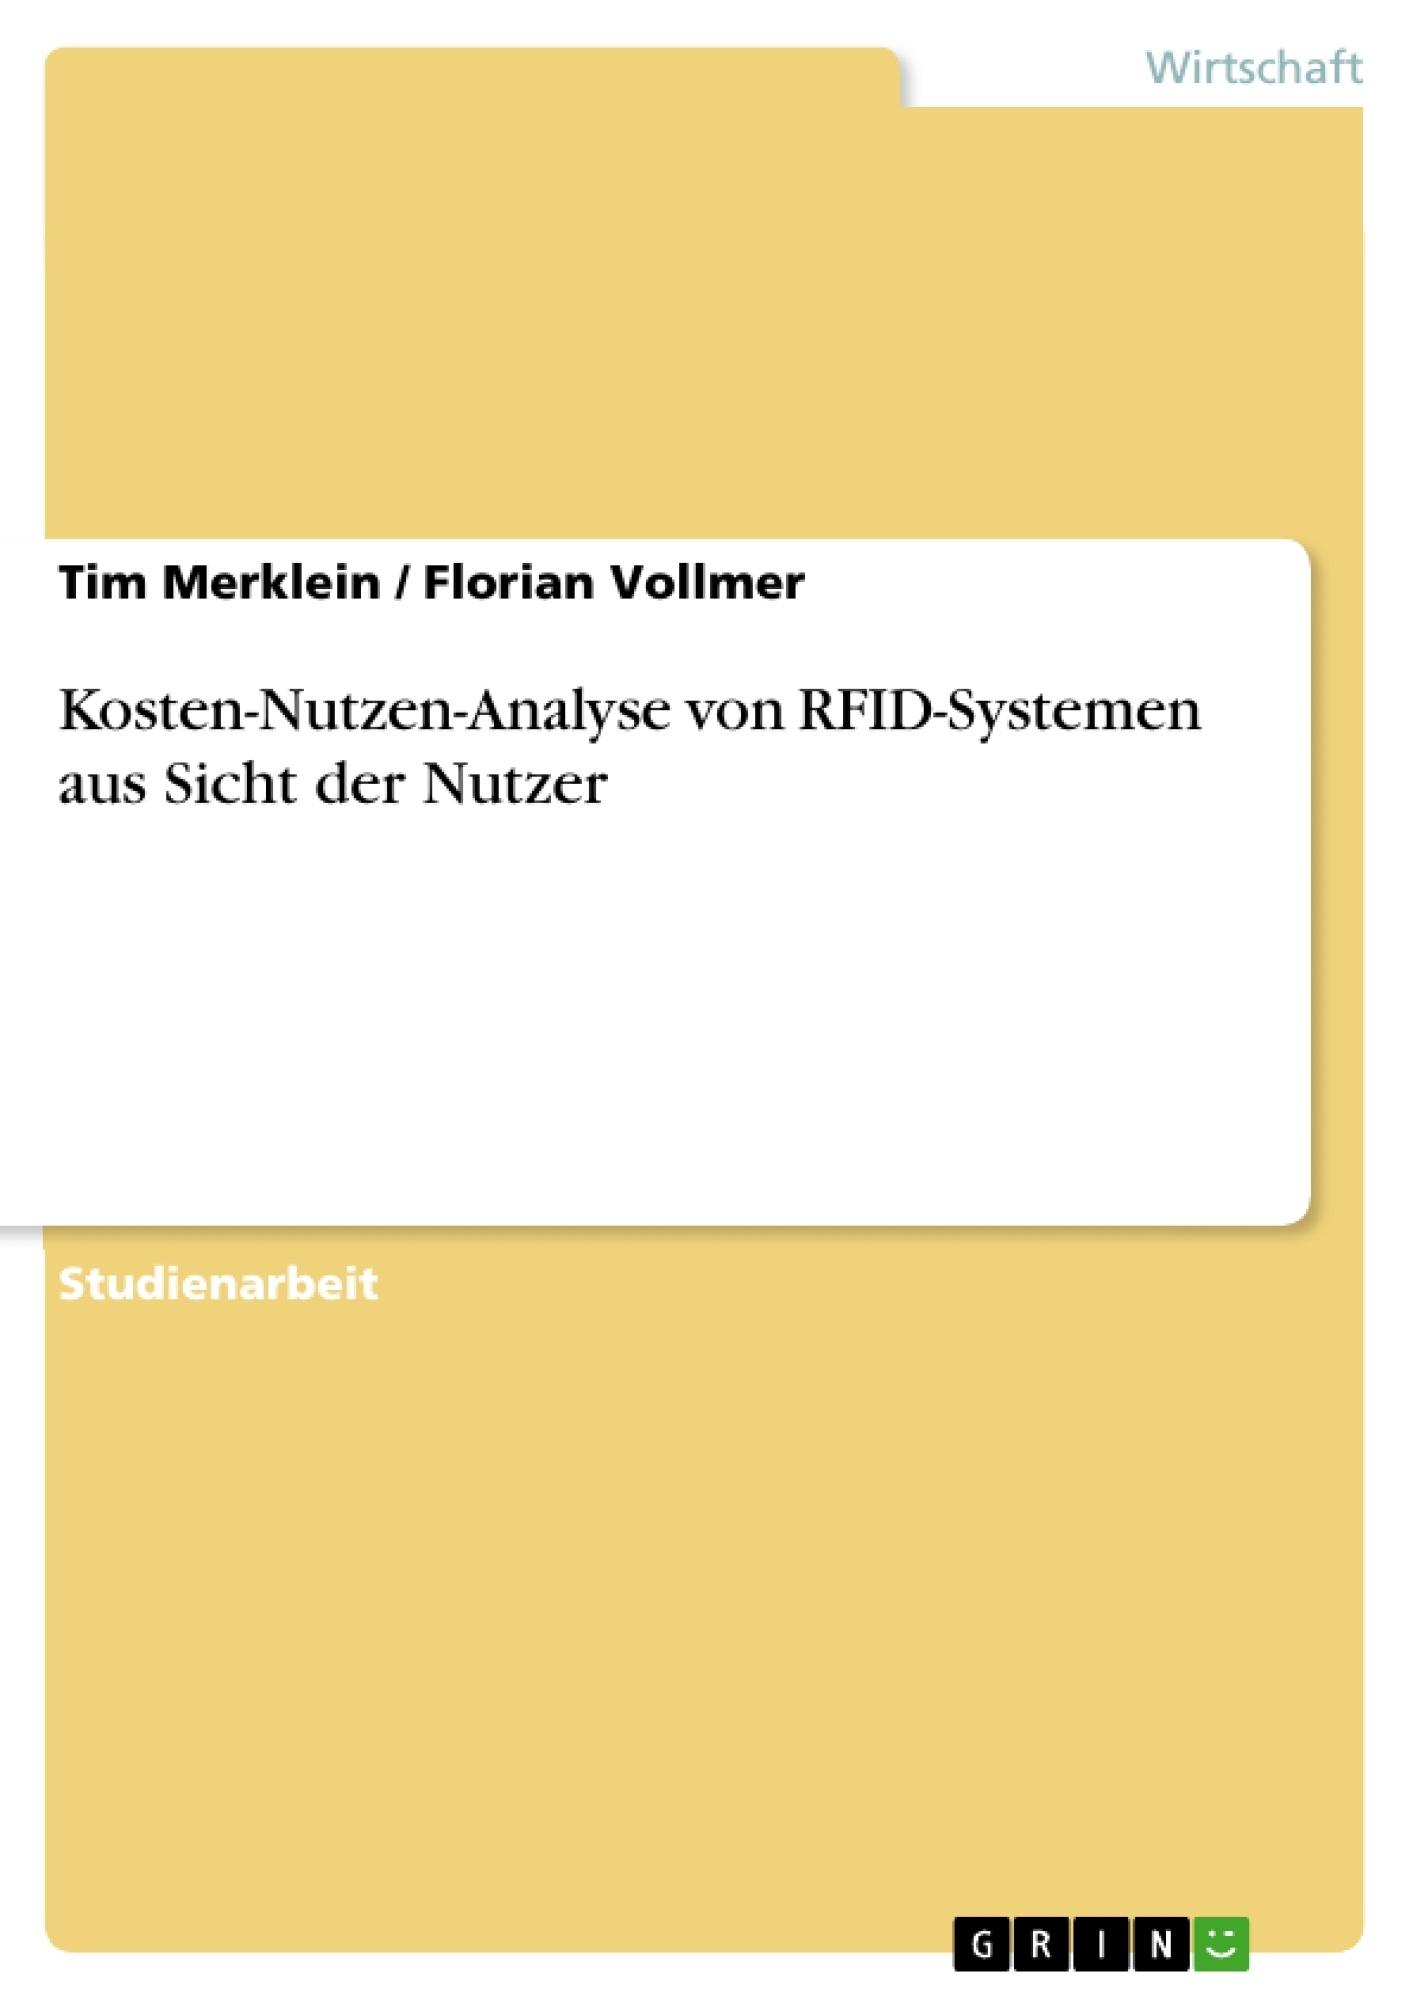 Titel: Kosten-Nutzen-Analyse von RFID-Systemen aus Sicht der Nutzer